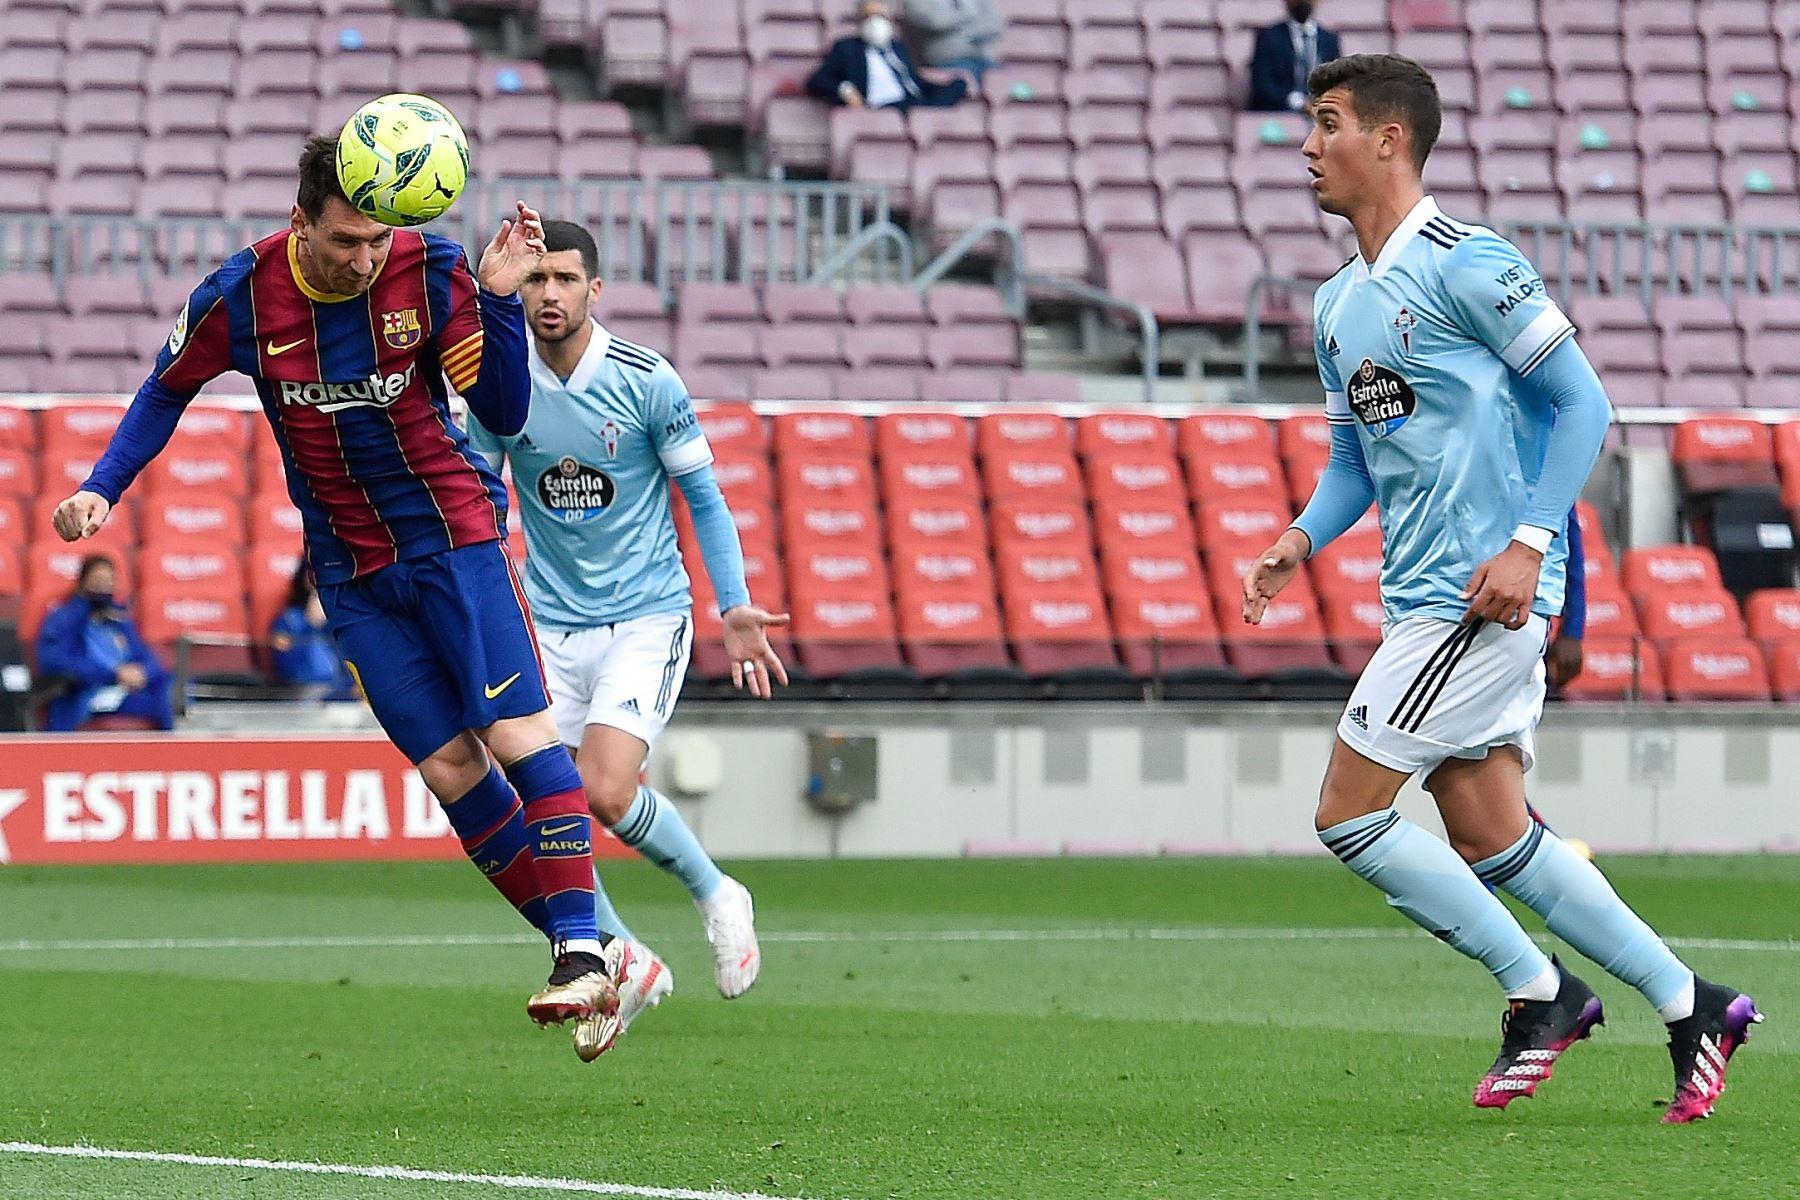 El delantero argentino del Barcelona Lionel Messi cabecea el balón y marca un gol durante el partido de fútbol de la Liga española entre el FC Barcelona y el RC Celta de Vigo. Foto: AFP